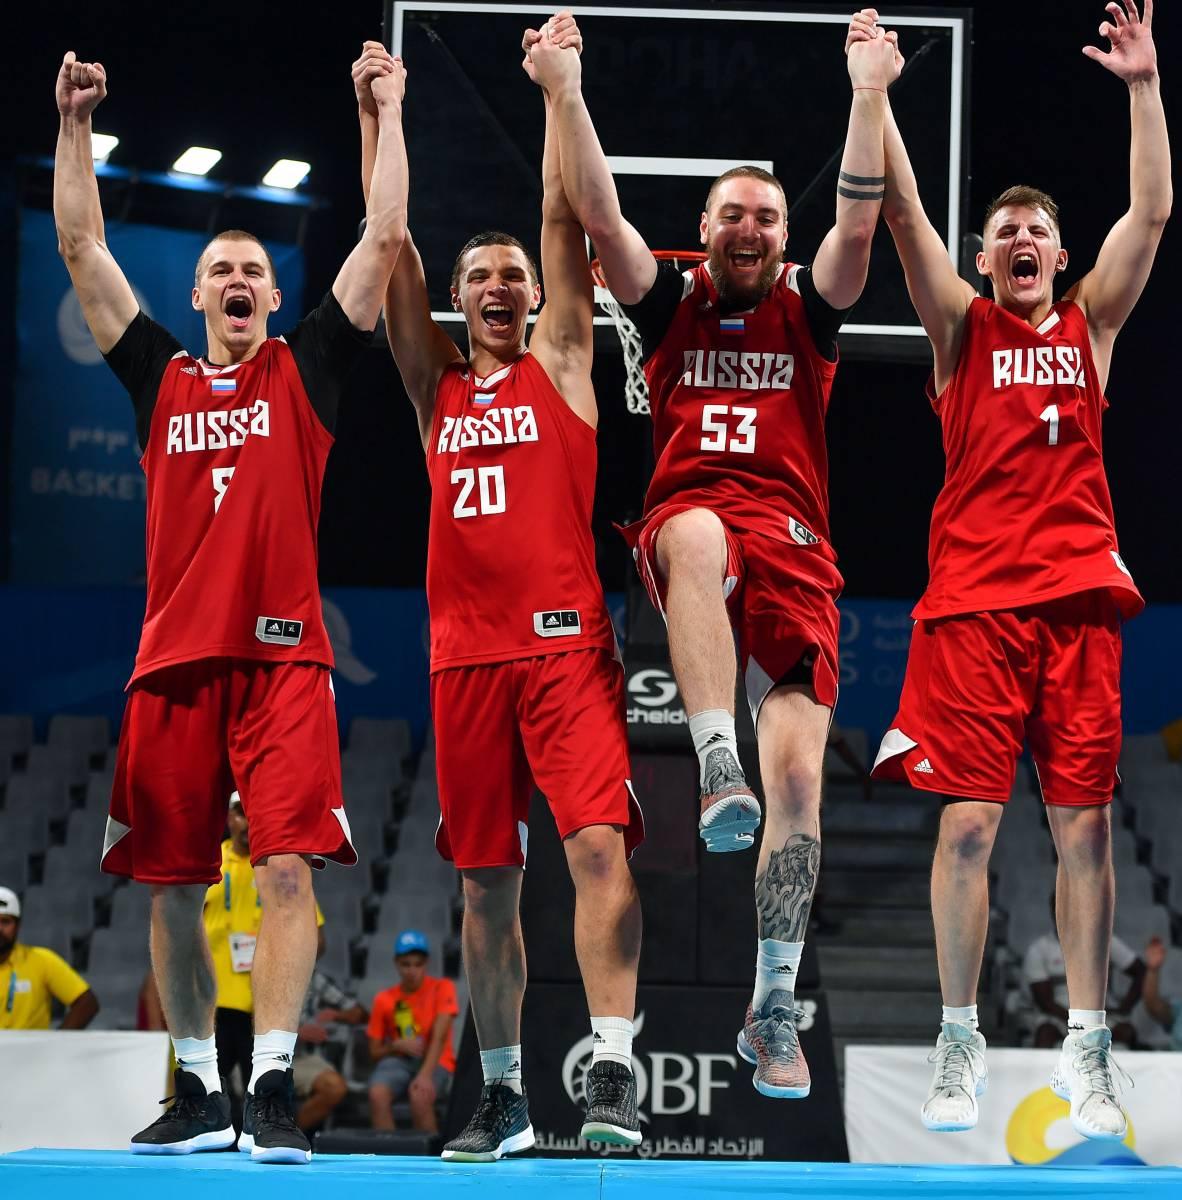 Россия – Польша: прогноз на мужской баскетбольный матч (3x3) ОИ в Токио